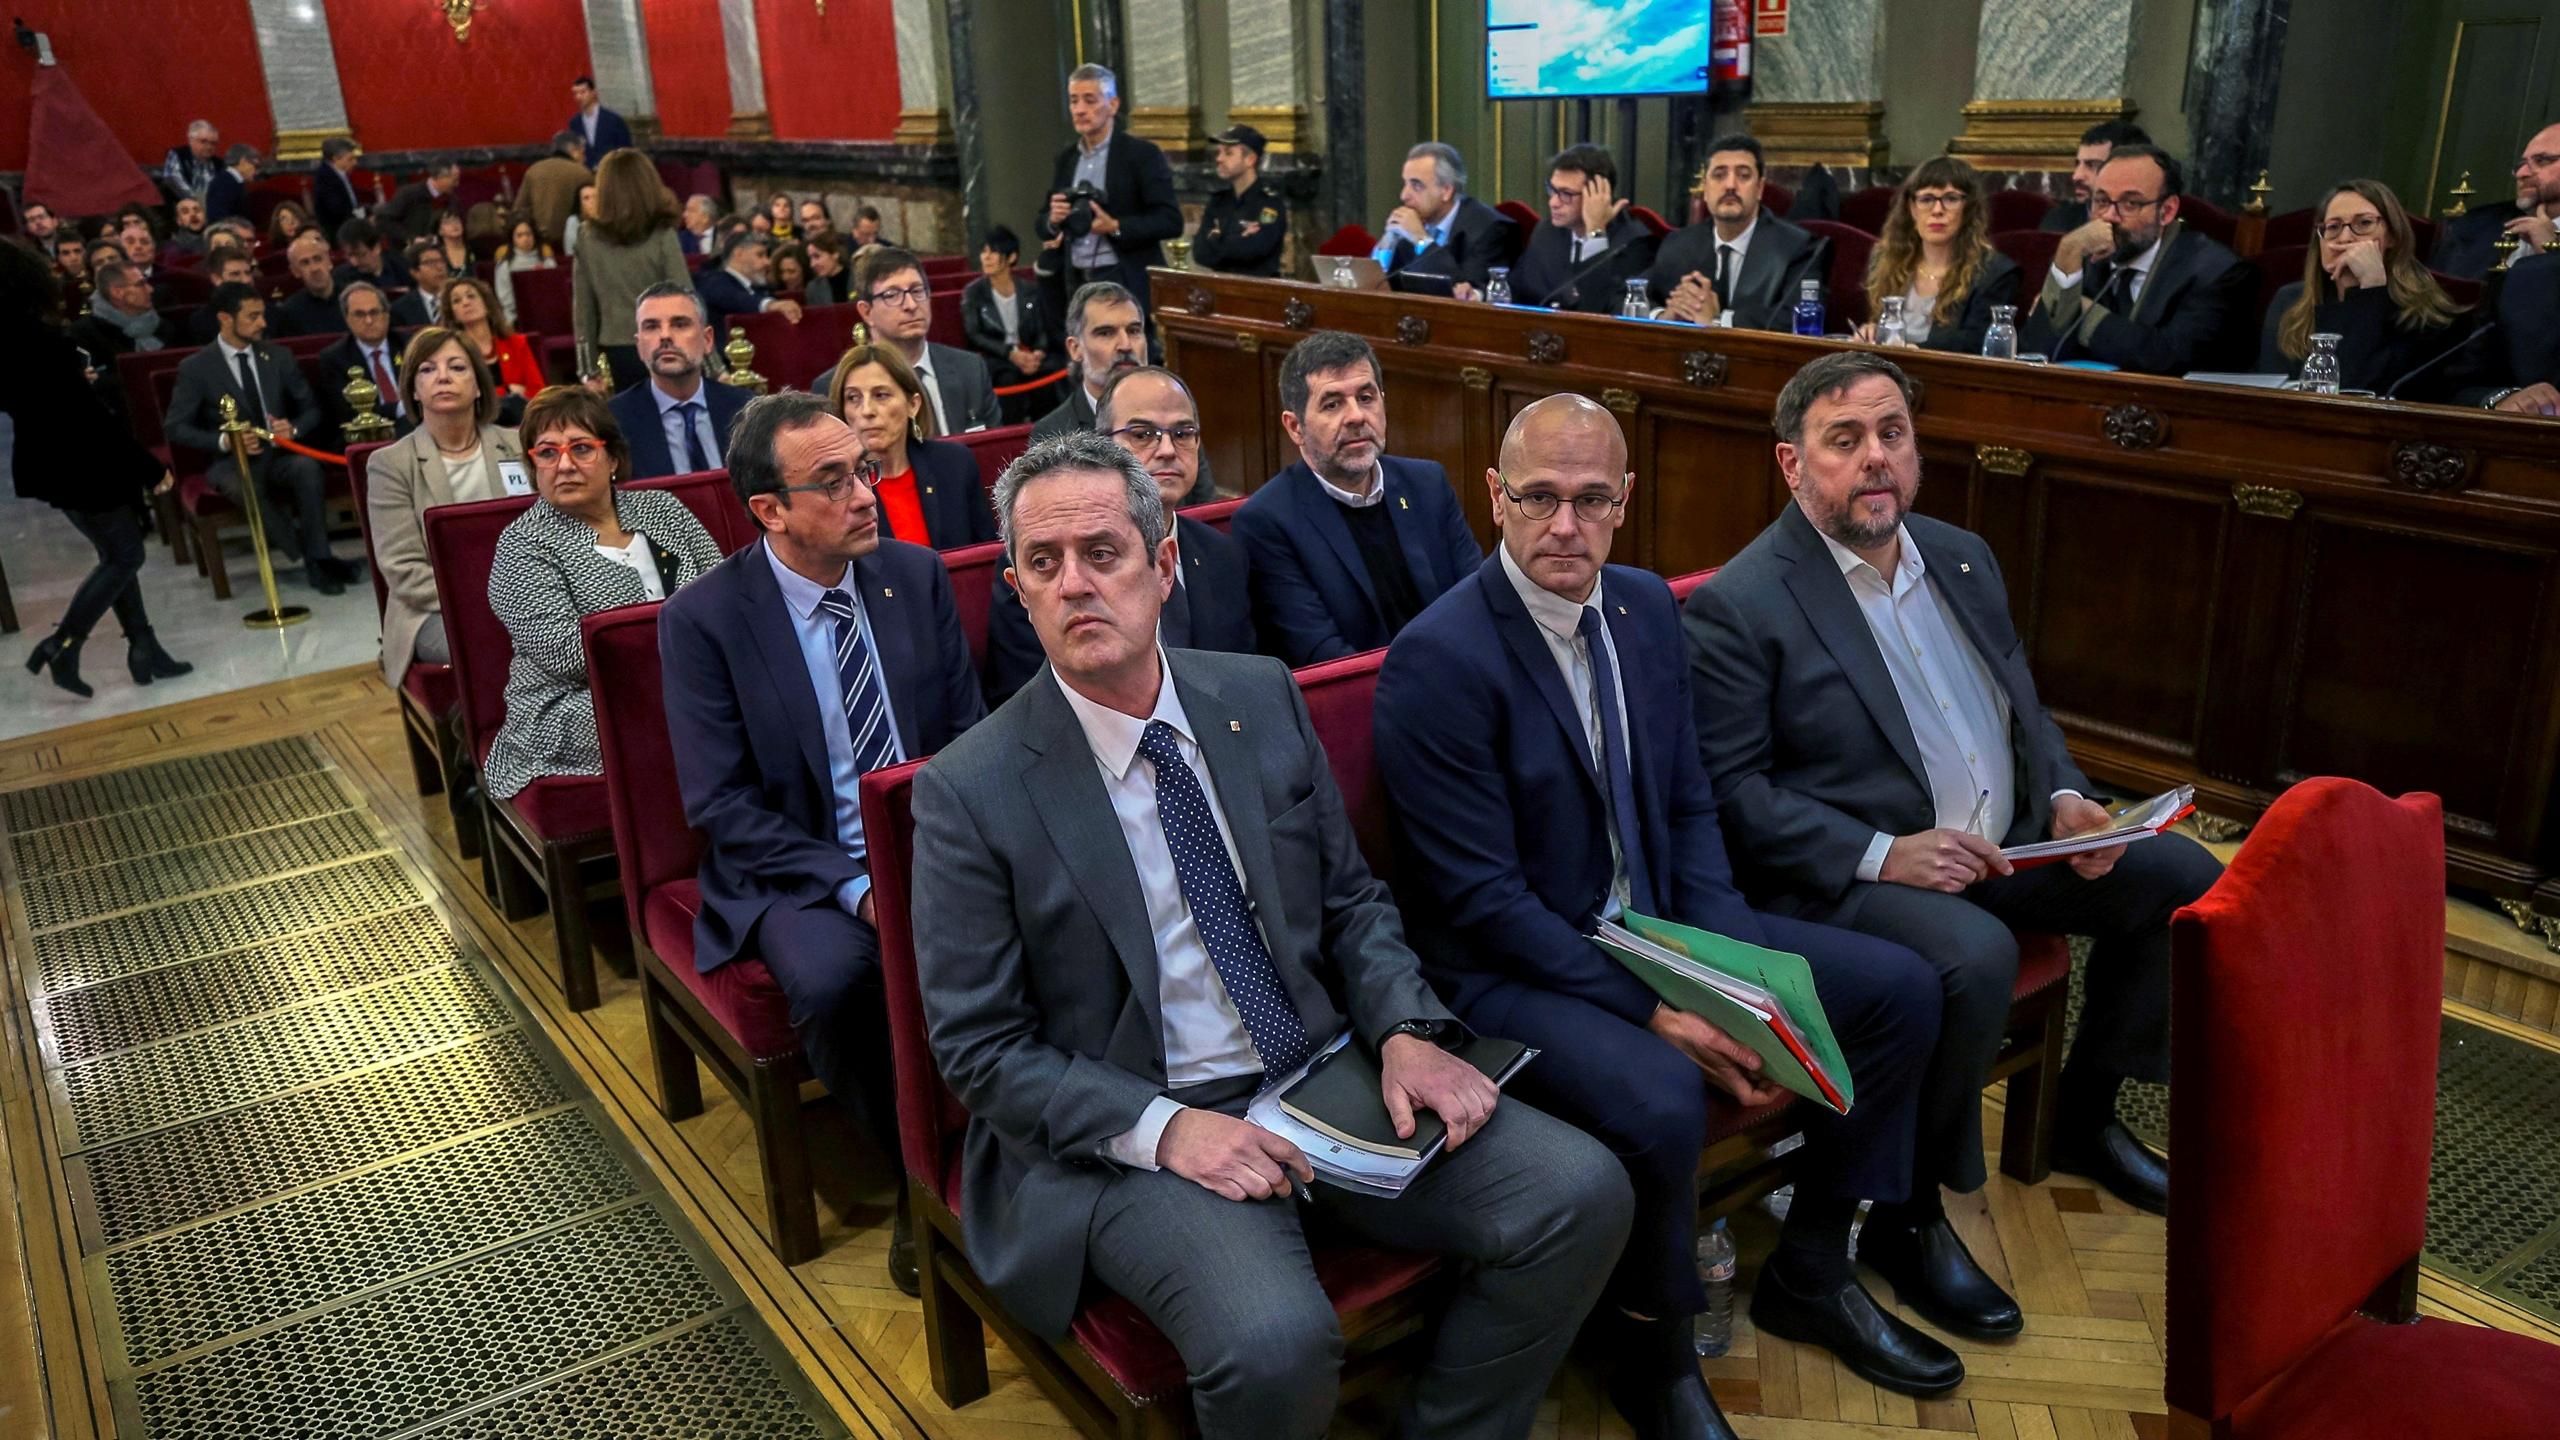 Así comenzó el juicio a los políticos independentistas de Cataluña